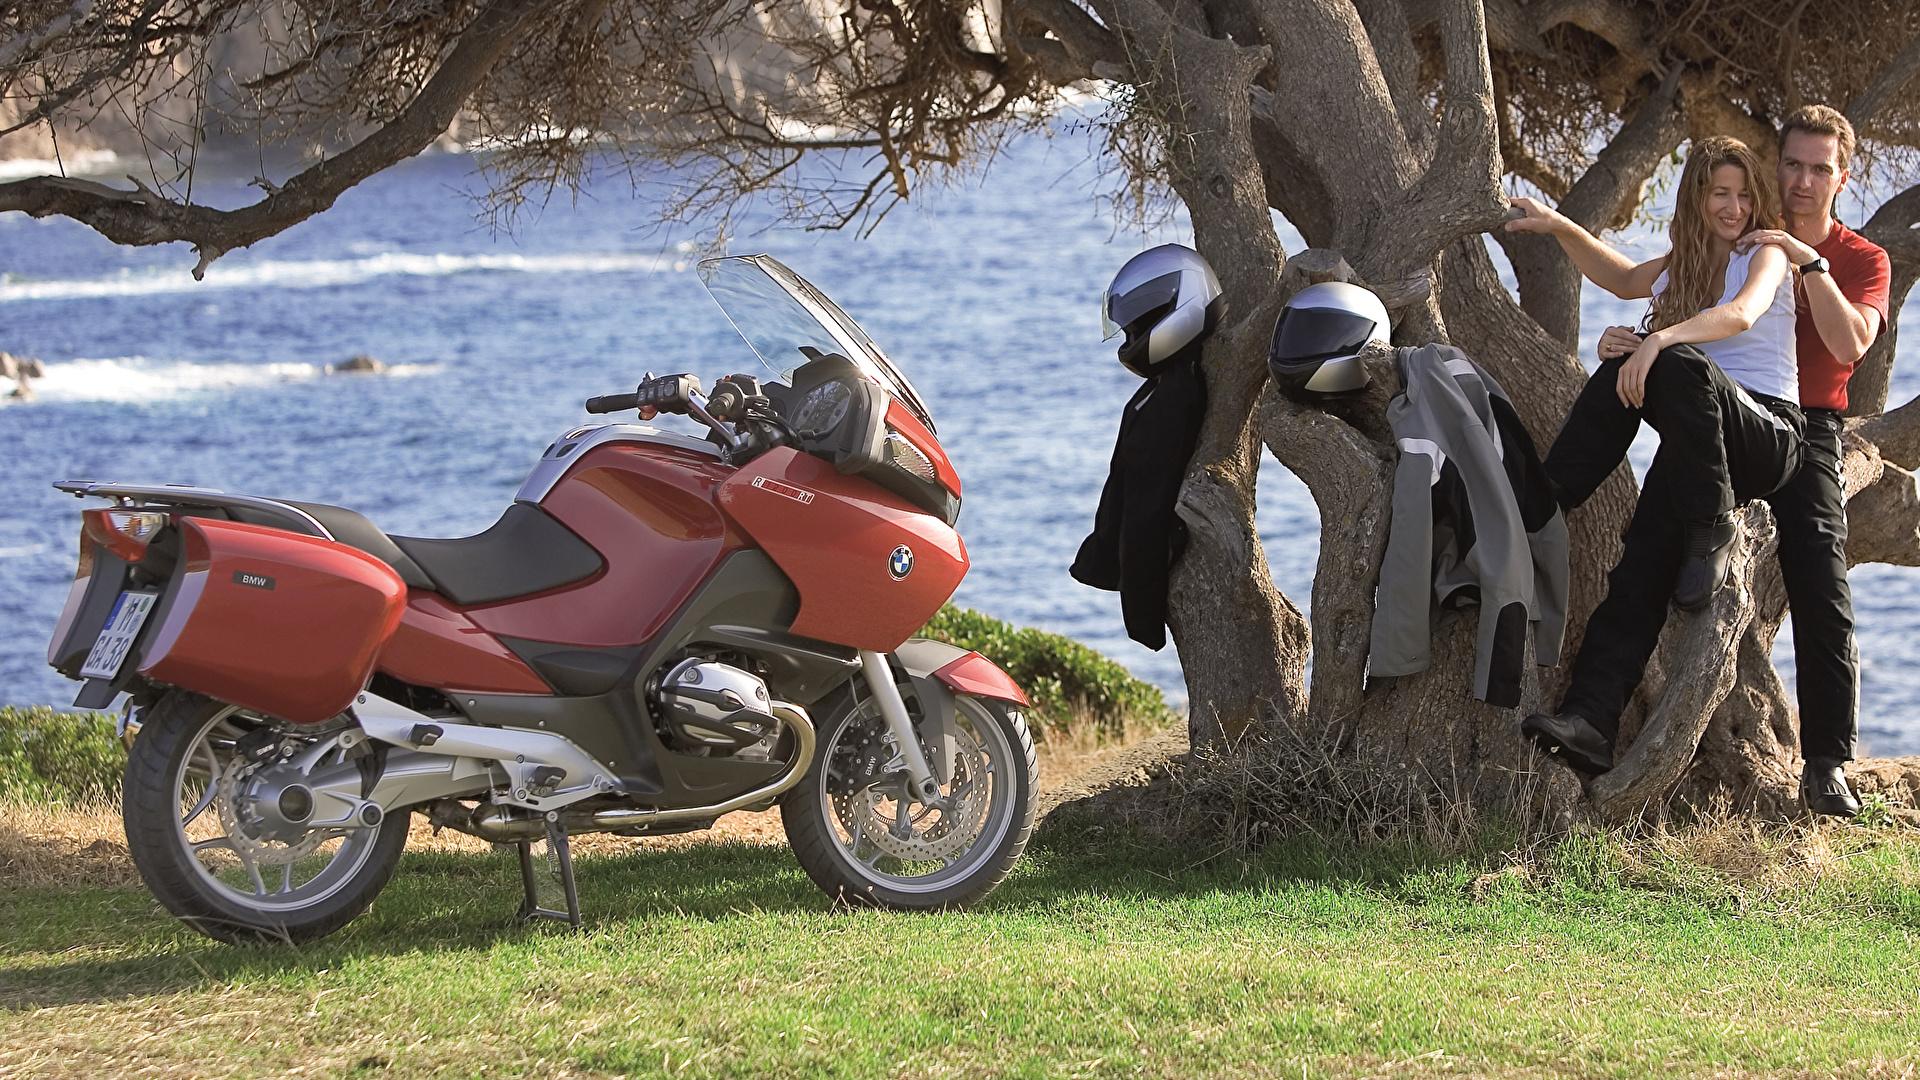 Фото BMW - Мотоциклы Шлем Мужчины 2003-09 R 1200 RT Двое девушка Мотоциклы 1920x1080 БМВ шлема в шлеме мужчина 2 два две вдвоем Девушки мотоцикл молодая женщина молодые женщины